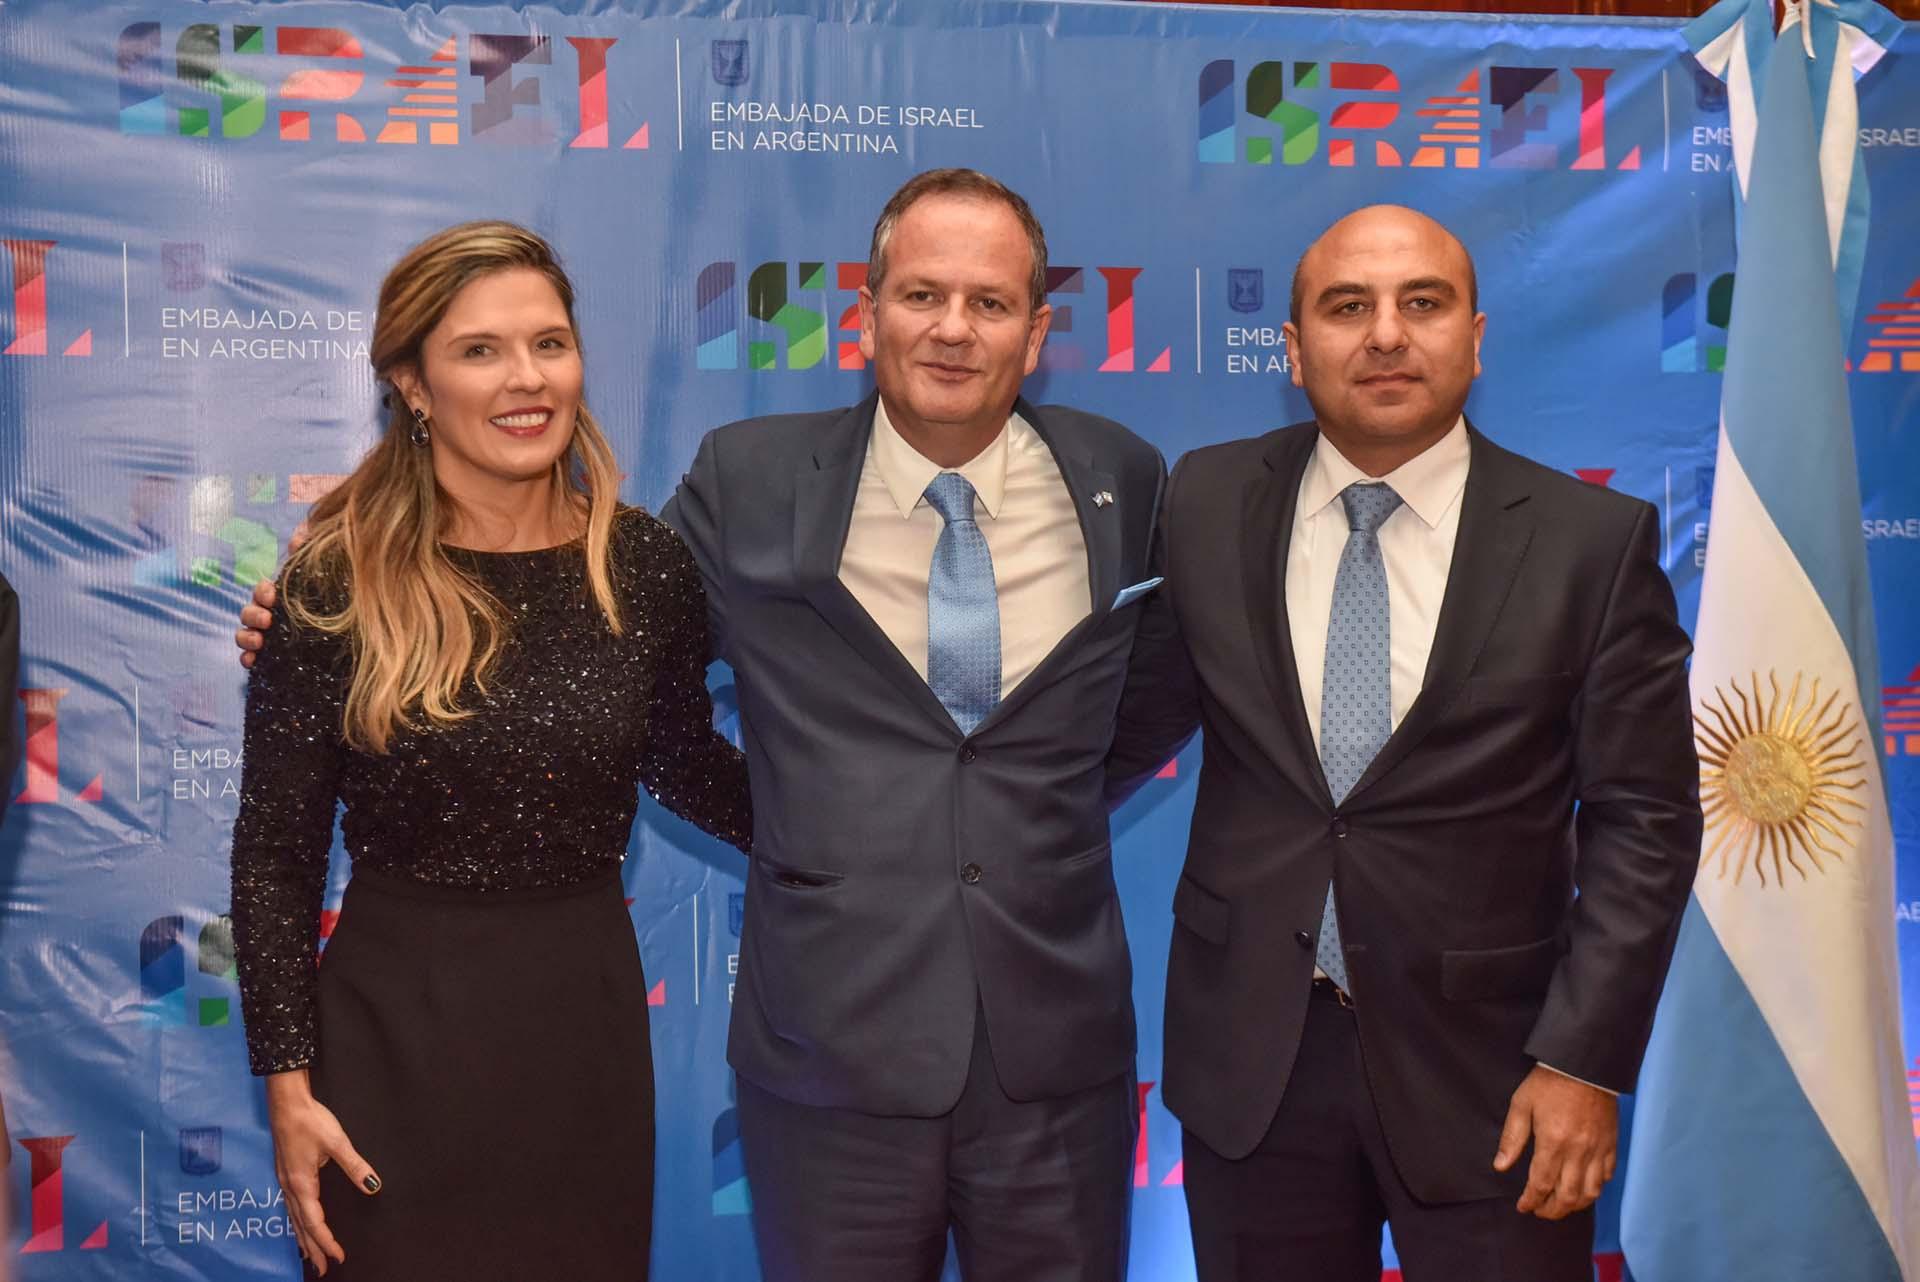 Ilán Sztulman y su mujer Jacqueline junto al embajador de Azerbaiyán, Rashad Aslanov